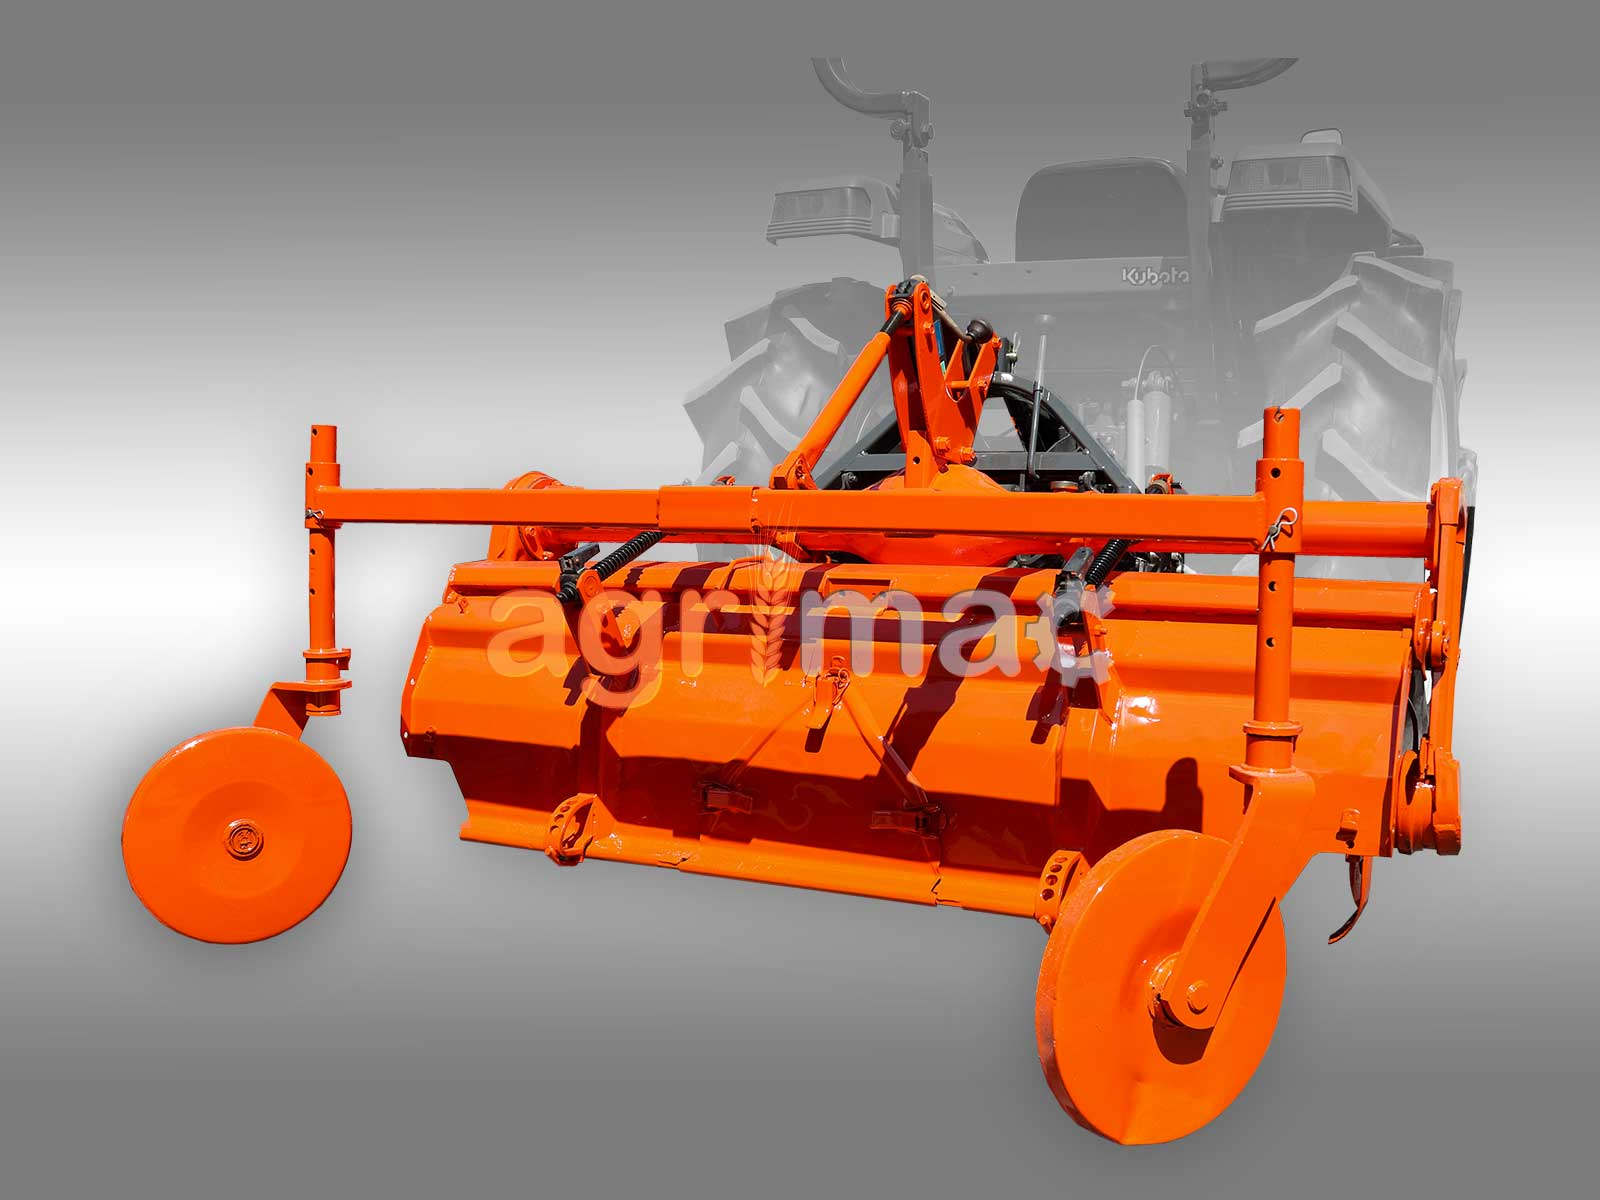 μεταχειρισμενα γεωργικα αγροτικα μηχανηματα